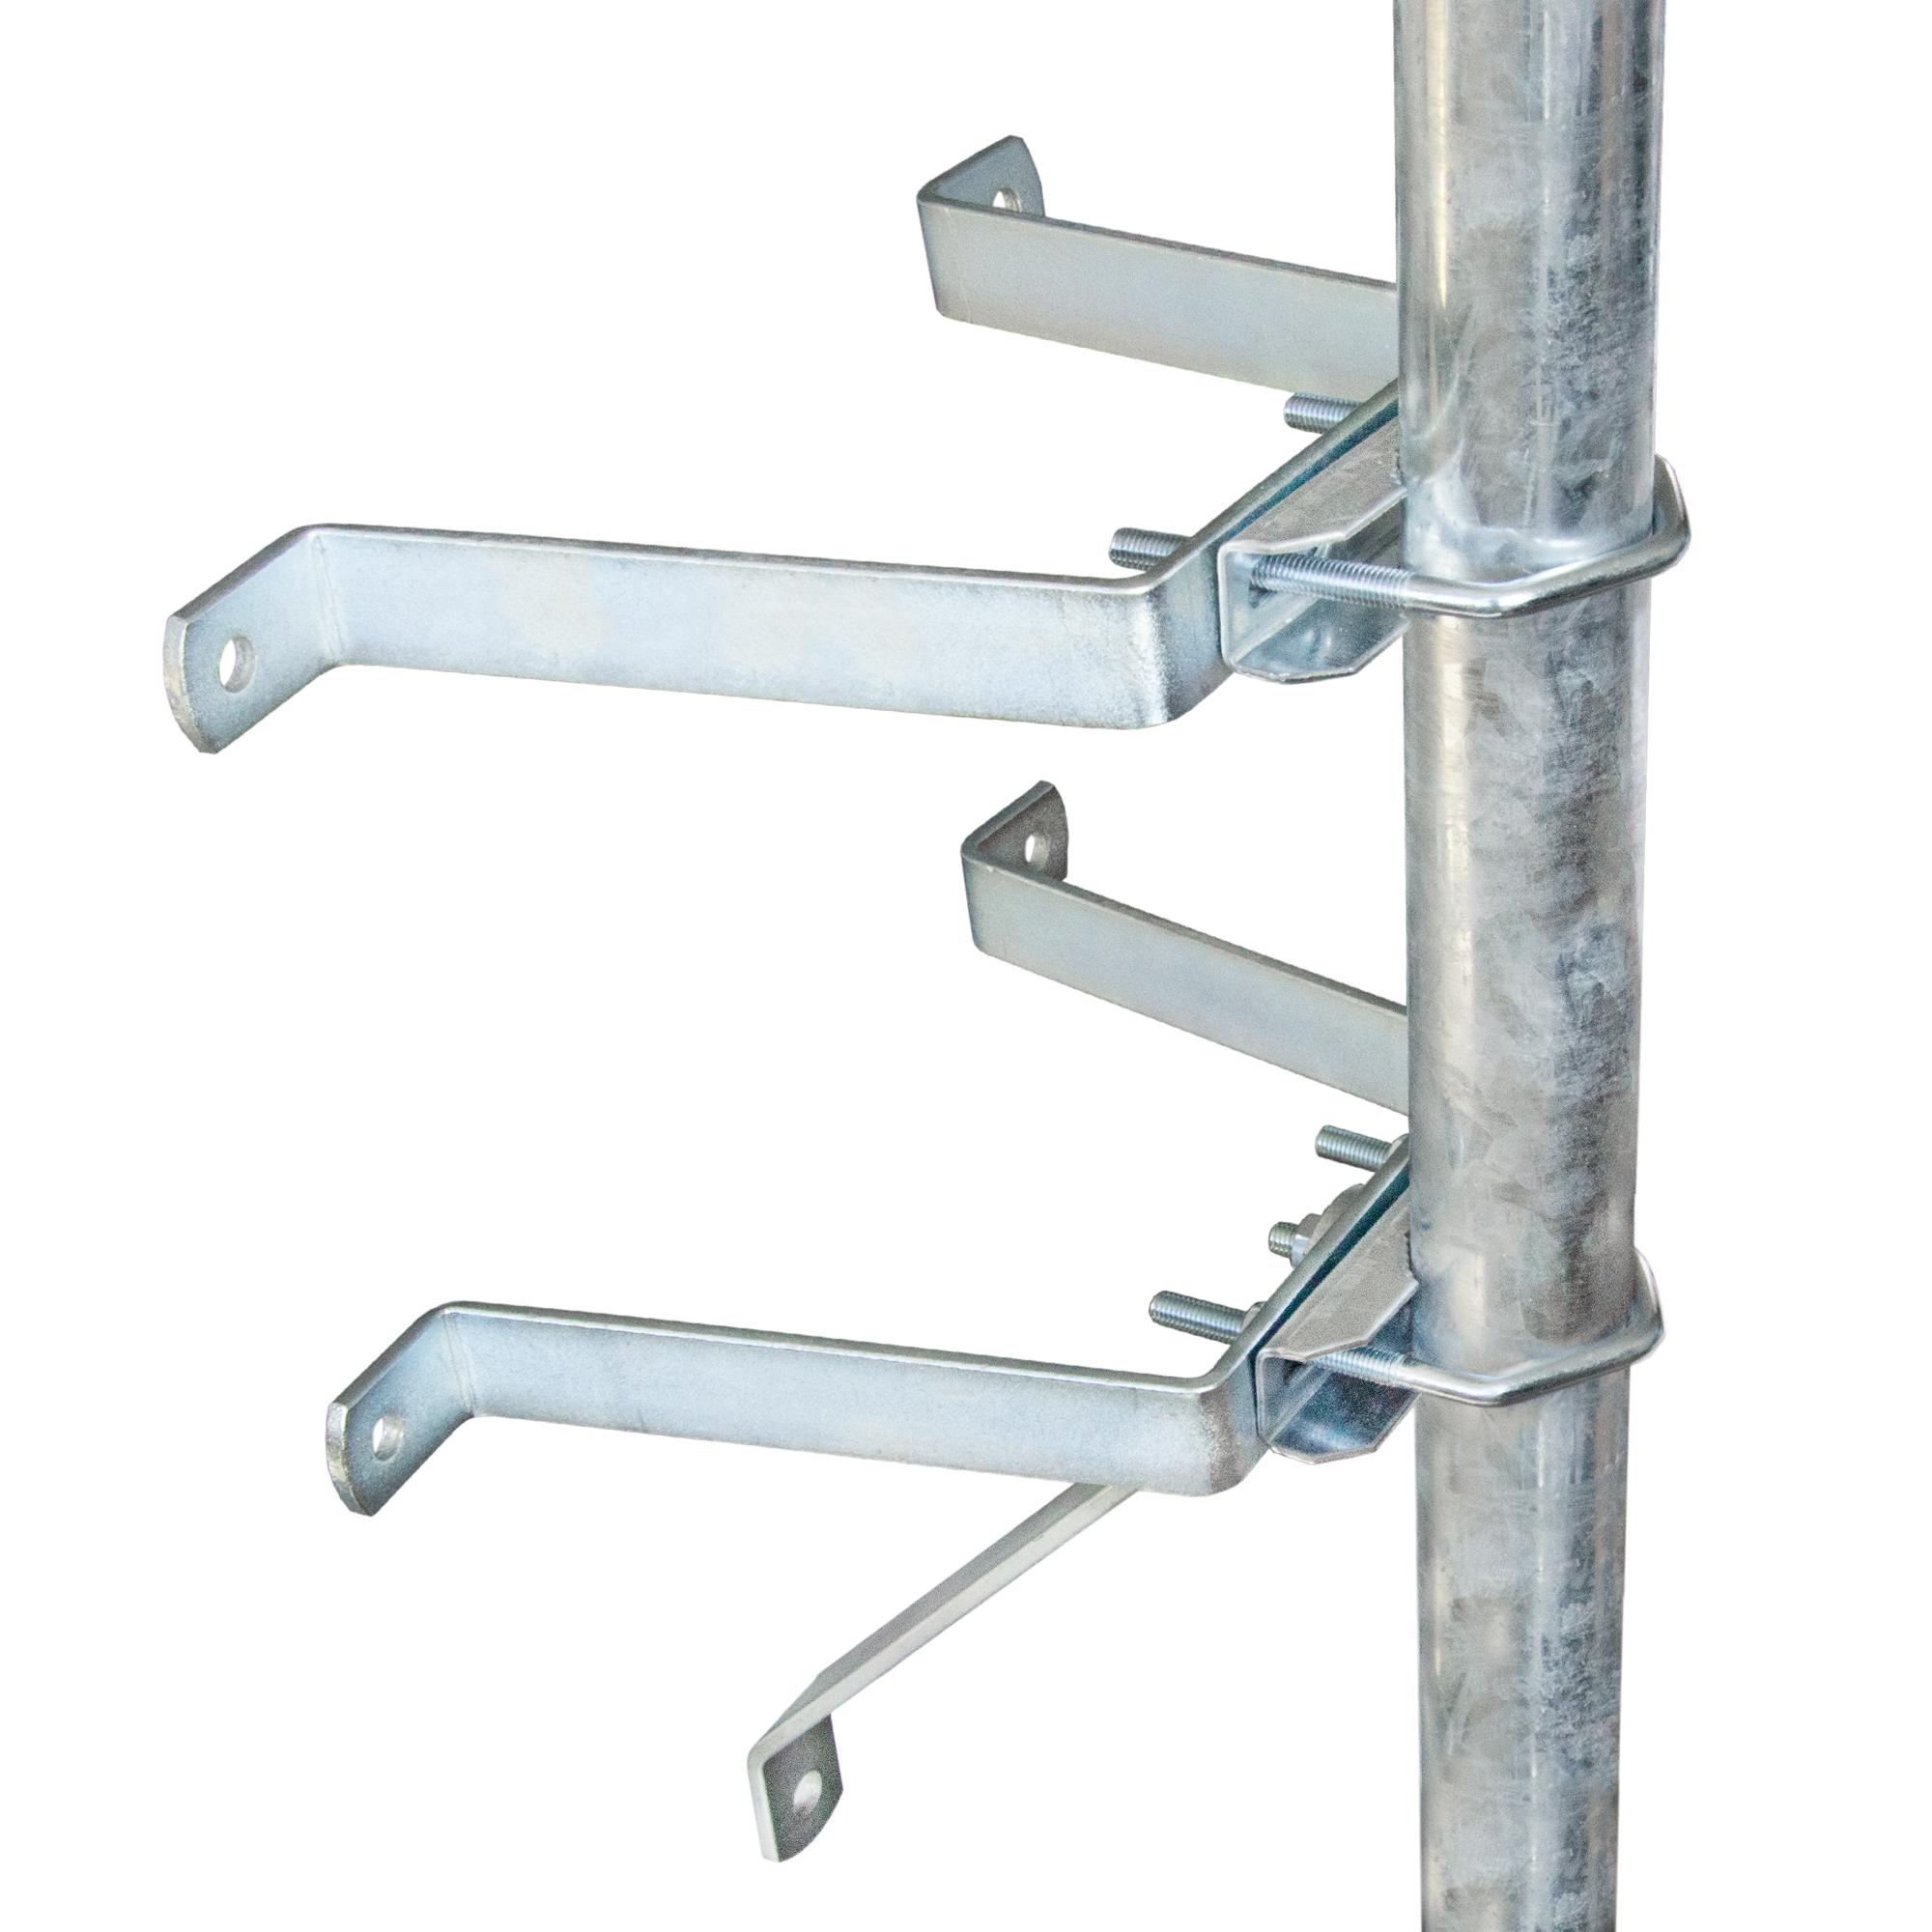 PremiumX 20cm Sat-Mauerhalter Wandabstandshalter für Mast bis Ø 60mm aus verzinktem Stahl Wandabstand 20 cm